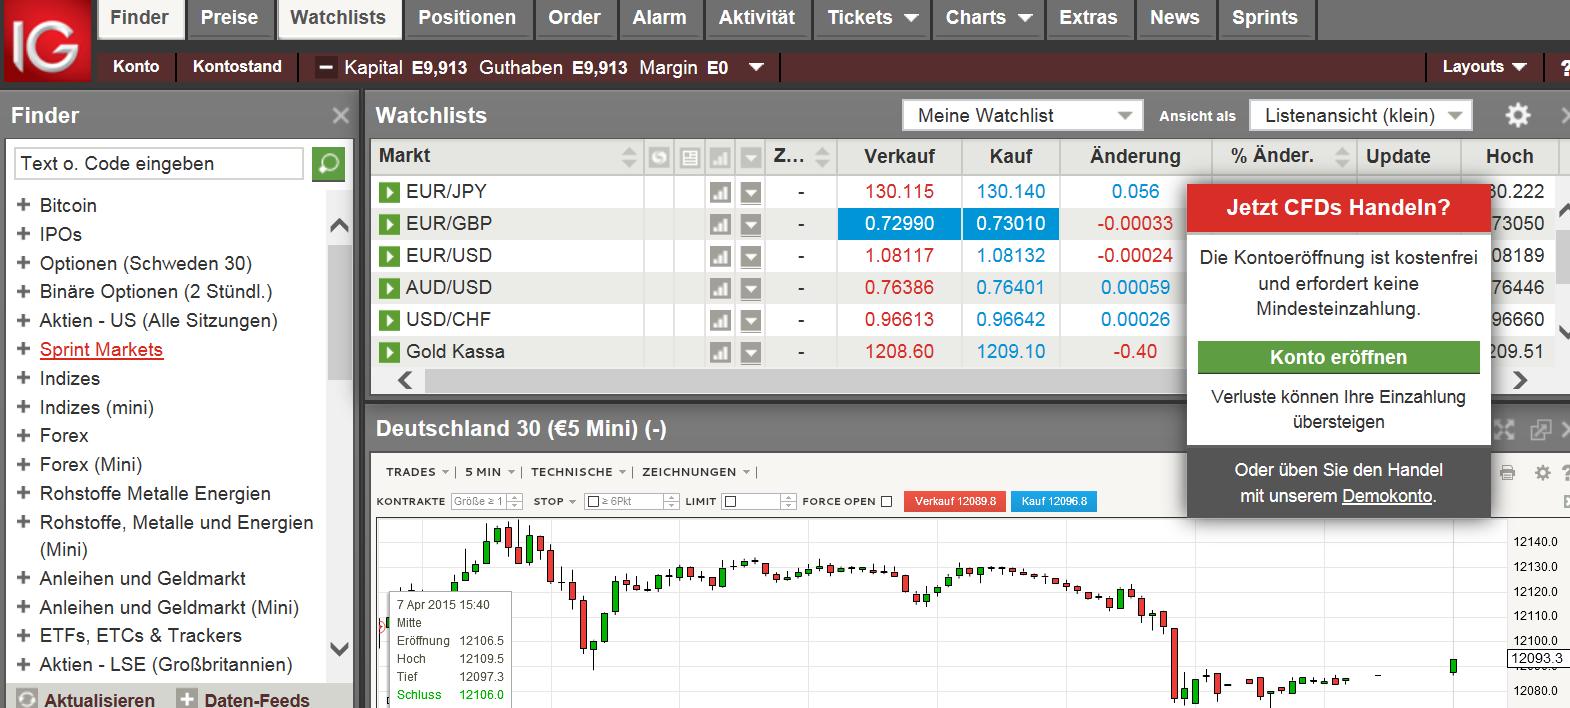 CFD Broker IG Handelsplattform